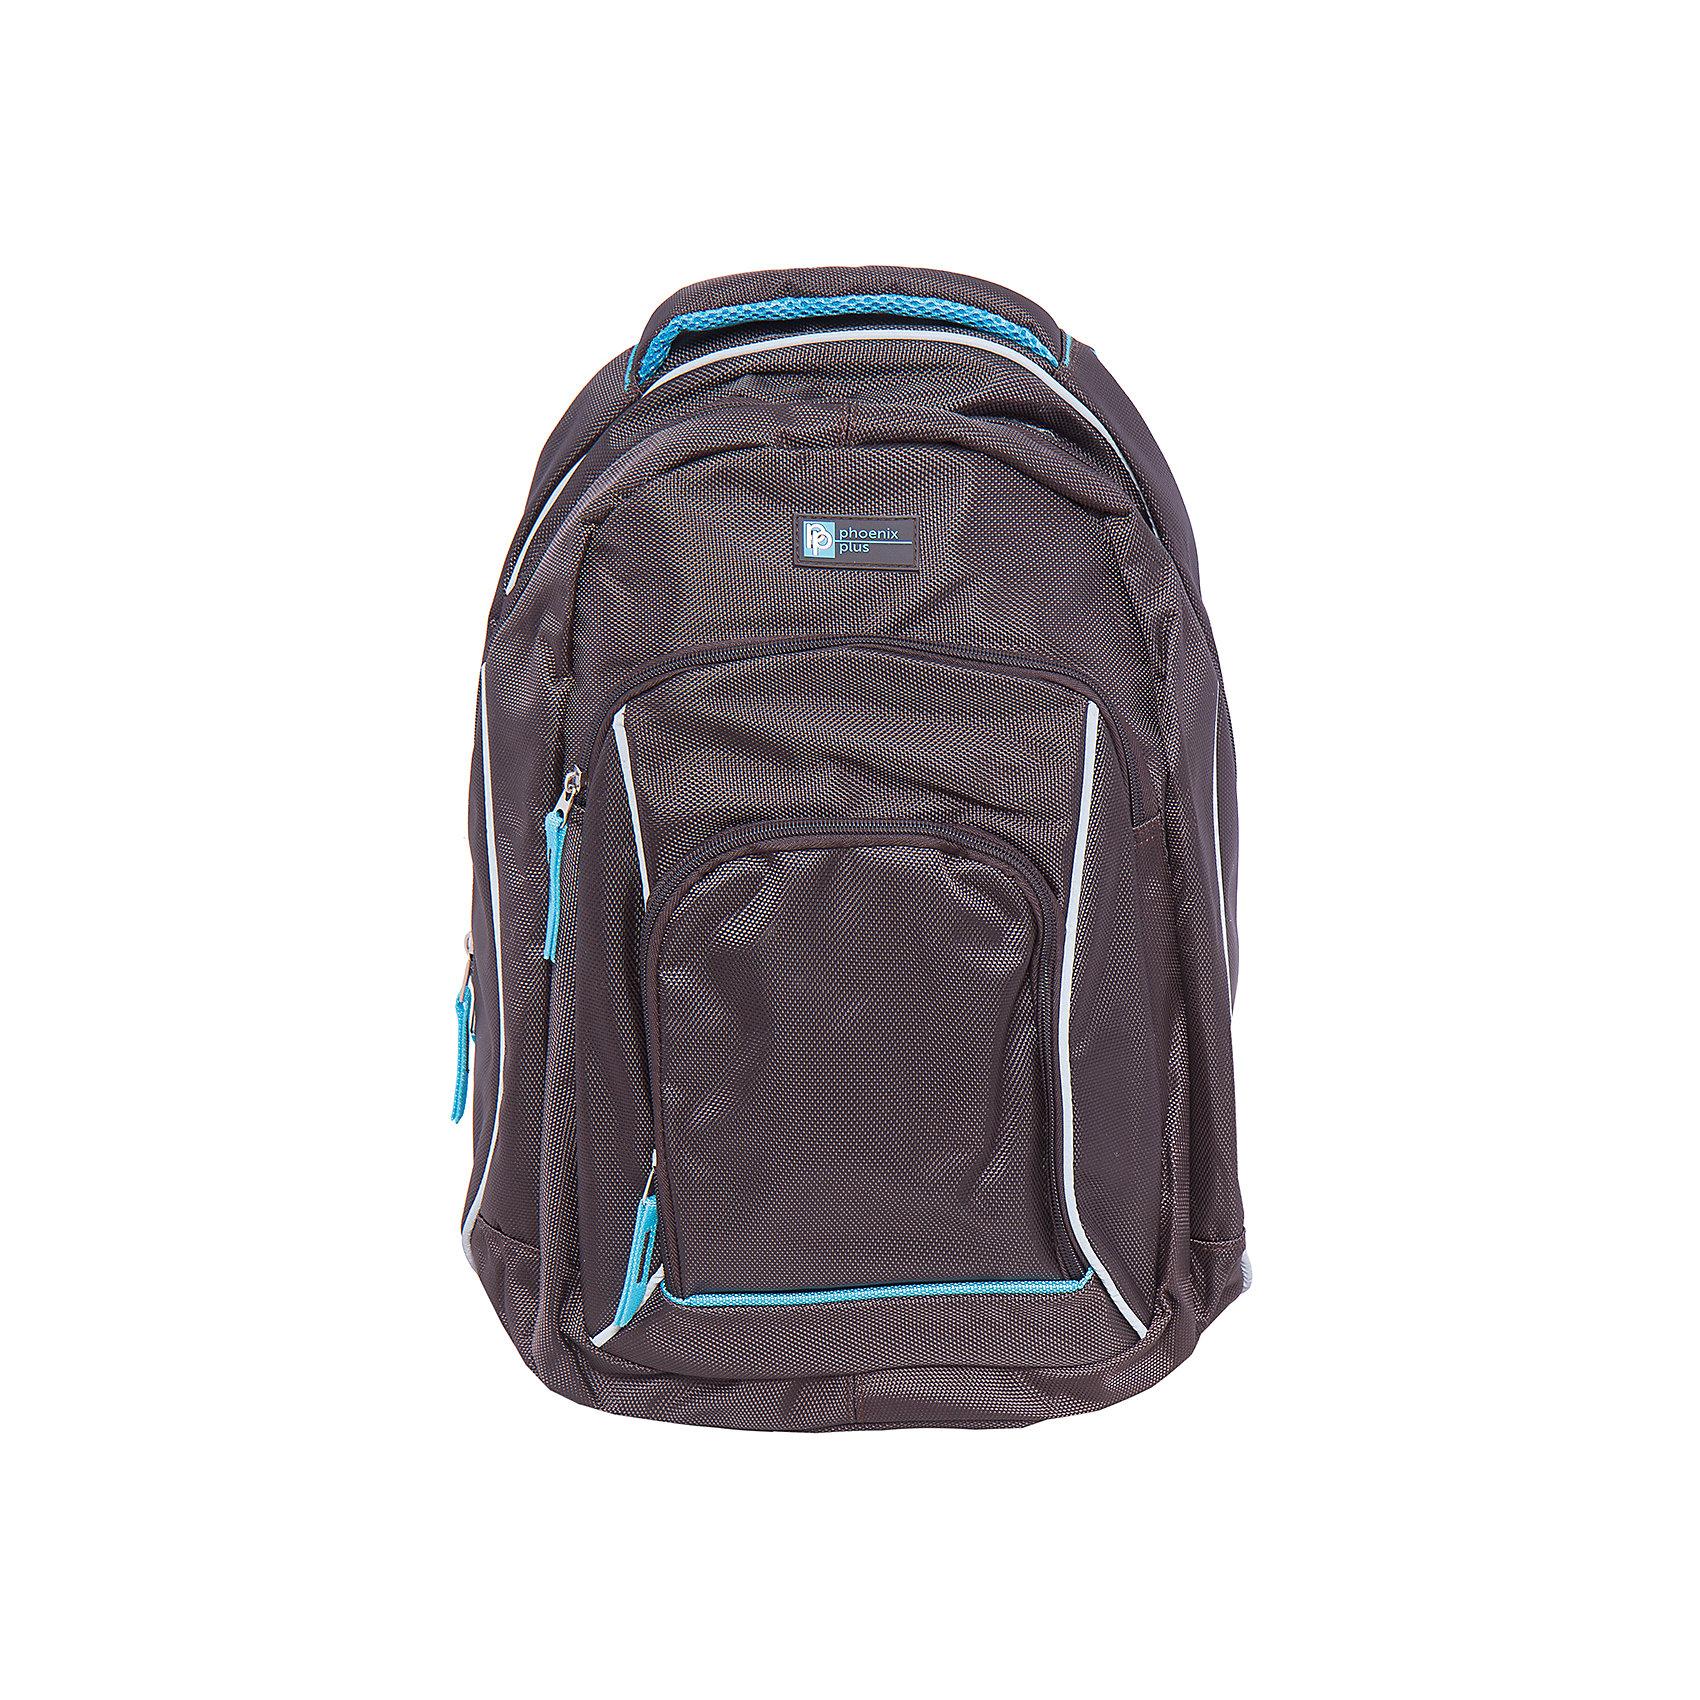 Рюкзак спортивный, коричневыйВместительный, удобный спортивный рюкзак для Вашего ребенка. У рюкзака одно большое отделение на молнии и два дополнительных накладных кармана спереди, лямки регулируются.<br><br>Дополнительная информация:<br><br>- Возраст: от 6 лет.<br>- Молнии ранца украшены брелками.<br>- Светоотражающие вставки.<br>- Материал: 100% полиэстер.<br>- Размер упаковки: 42х28х11 см.<br>- Вес в упаковке: 745 г.<br><br>Купить молодежный рюкзак в фиолетовом цвете, можно в нашем магазине.<br><br>Ширина мм: 450<br>Глубина мм: 320<br>Высота мм: 160<br>Вес г: 745<br>Возраст от месяцев: 72<br>Возраст до месяцев: 2147483647<br>Пол: Унисекс<br>Возраст: Детский<br>SKU: 4943476